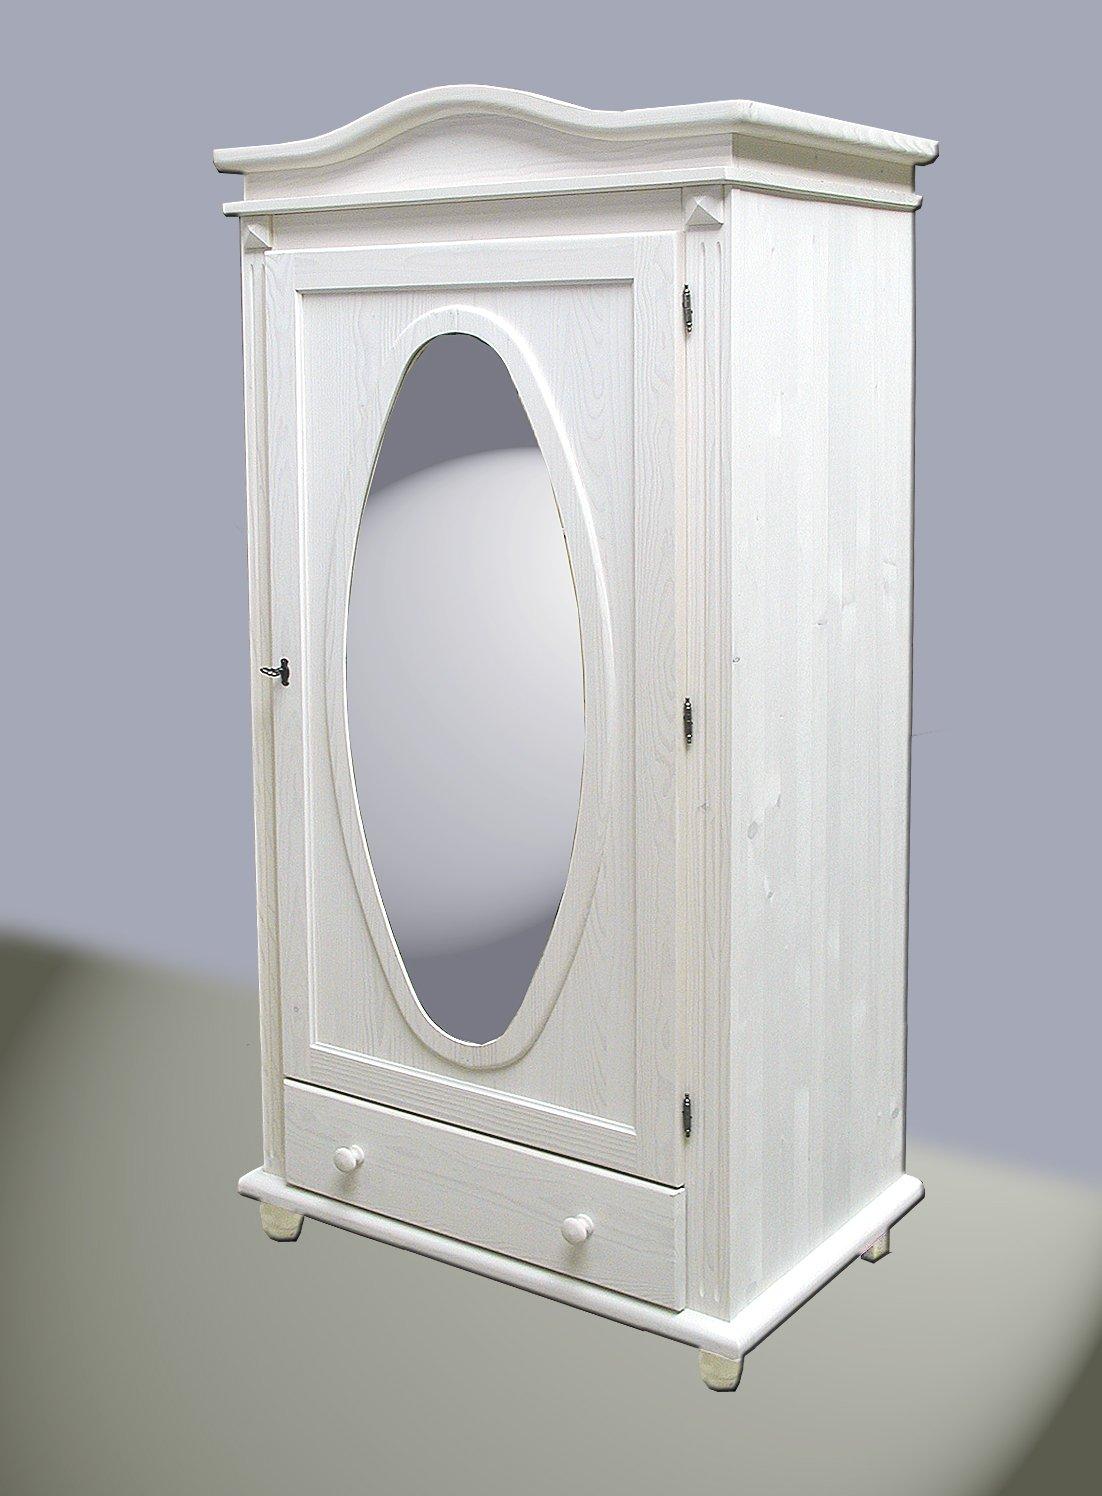 Faszinierend Dielenschrank Mit Spiegel Referenz Von Gaderoben-dielenschrank Kiefer Massivholz Weiß Gewachst Ne: Concept.de: